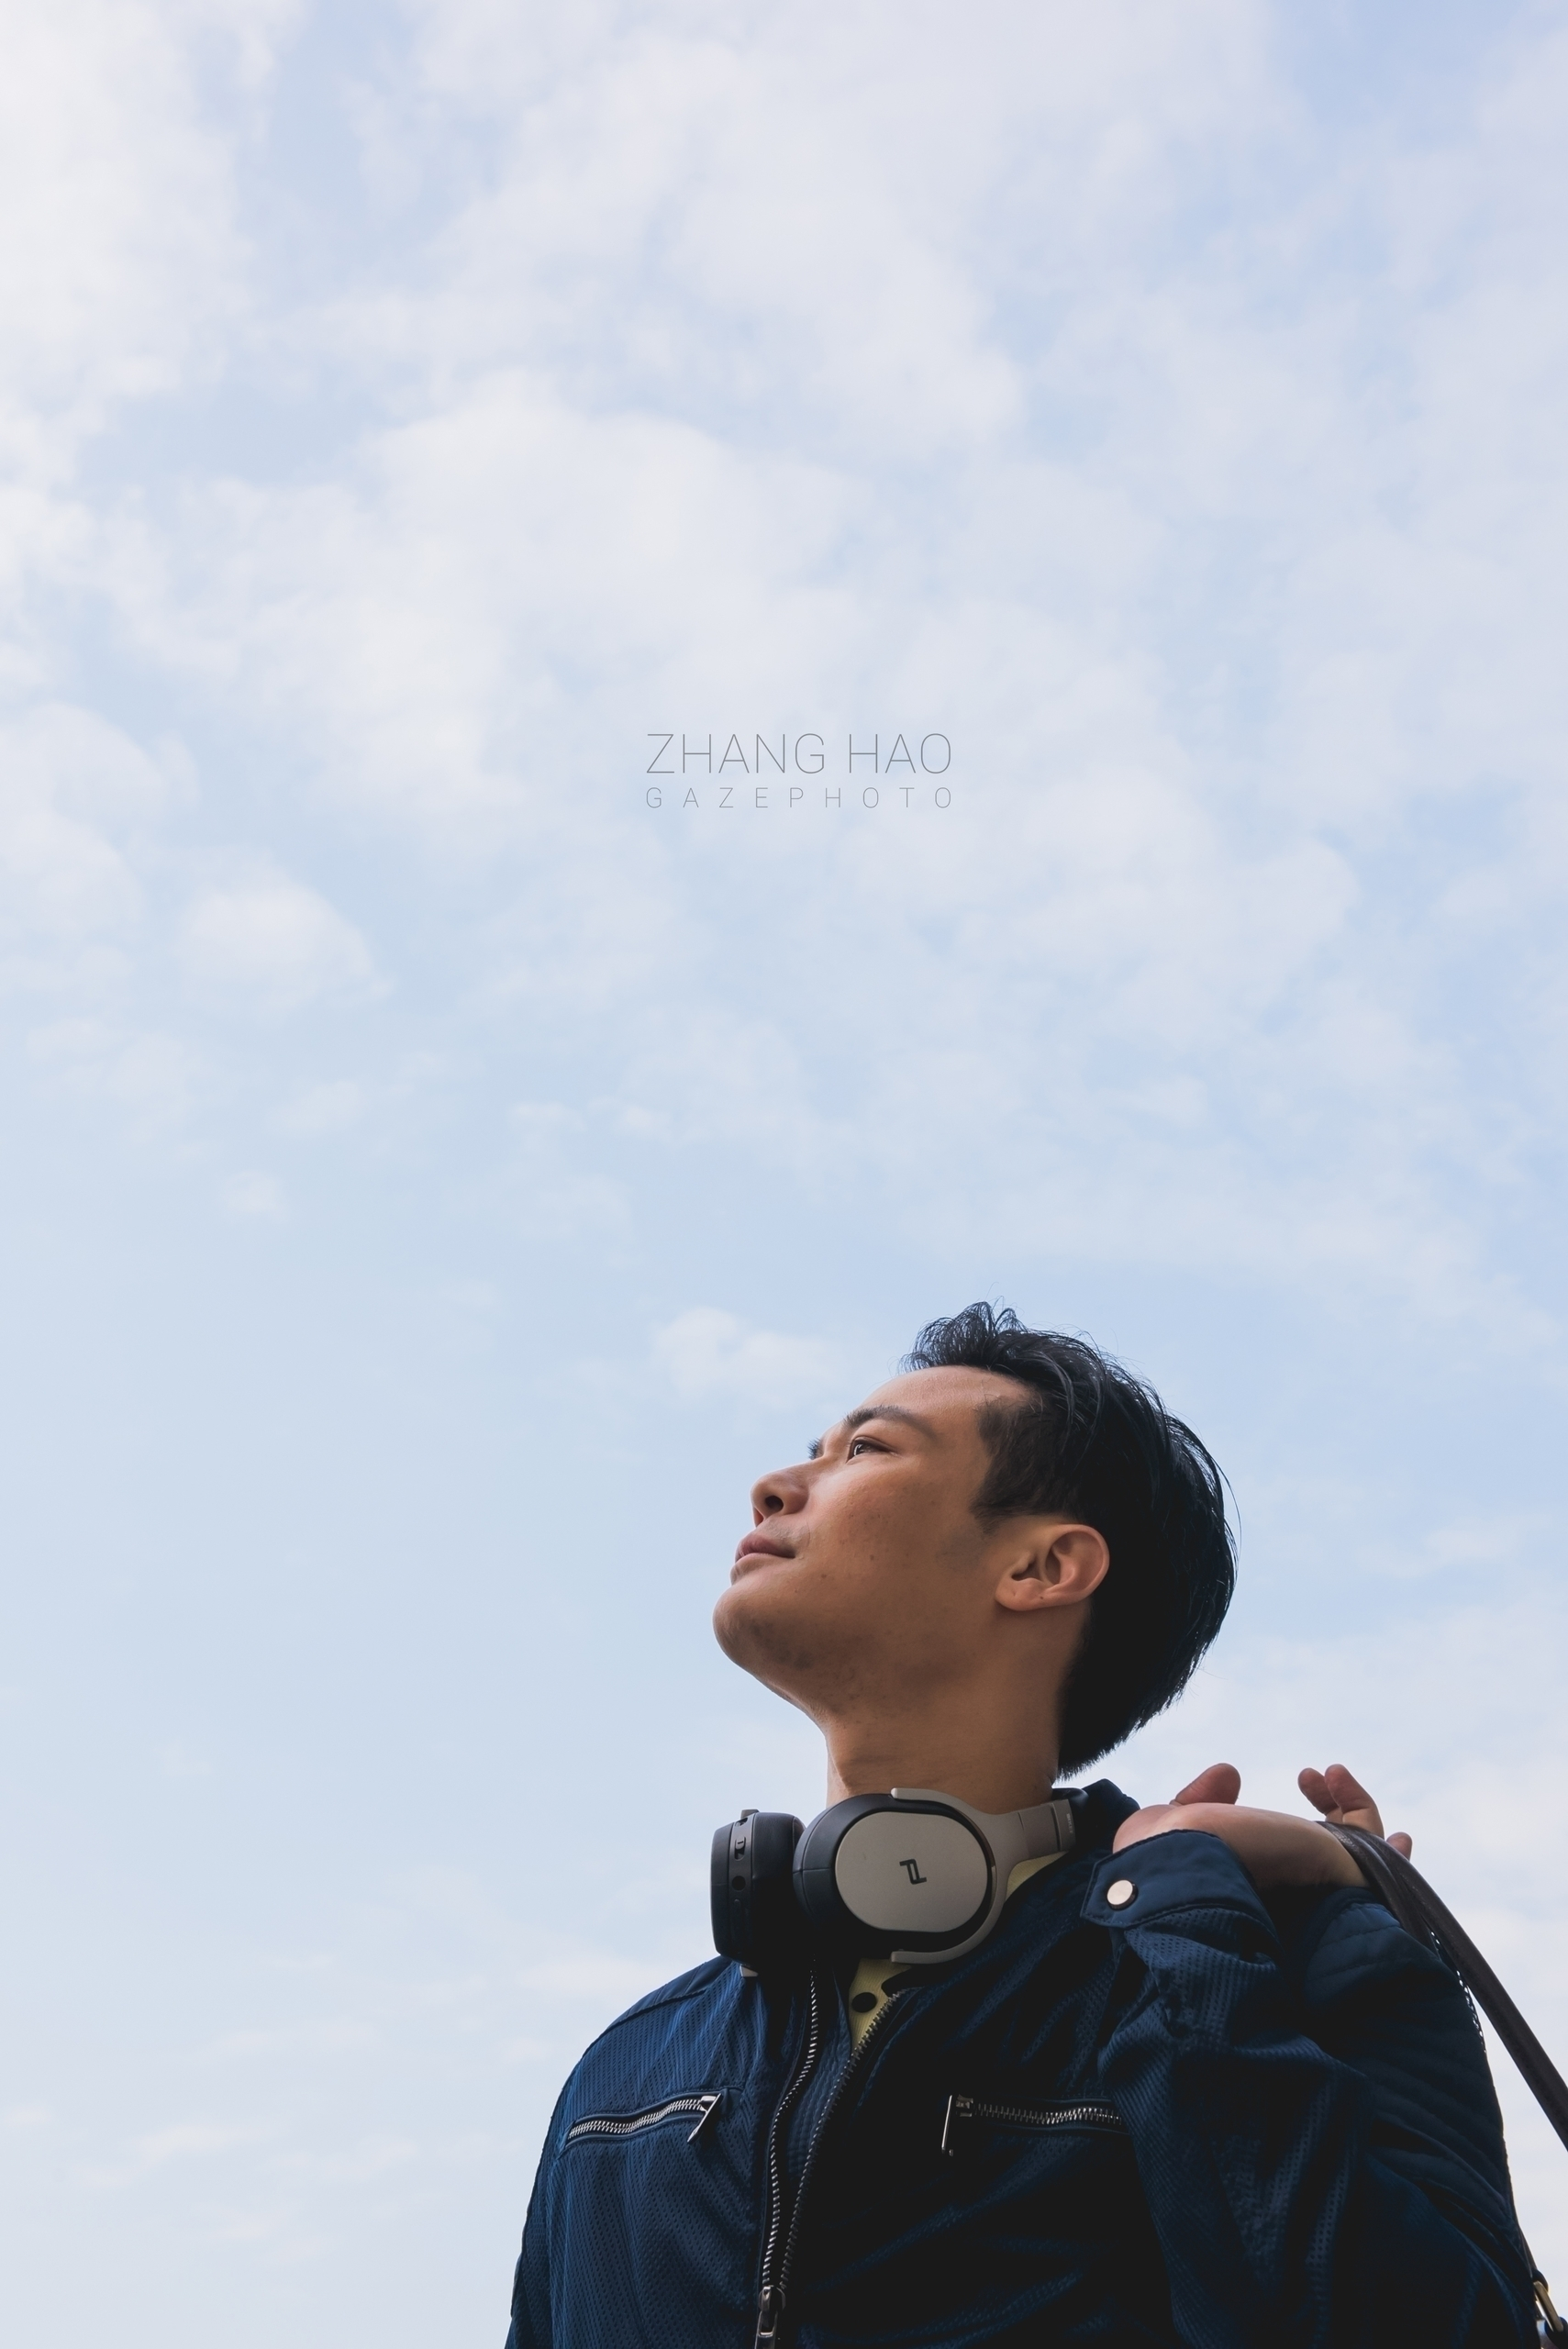 201802014 Photographer   張顥 (Ha - zhanghao   ello